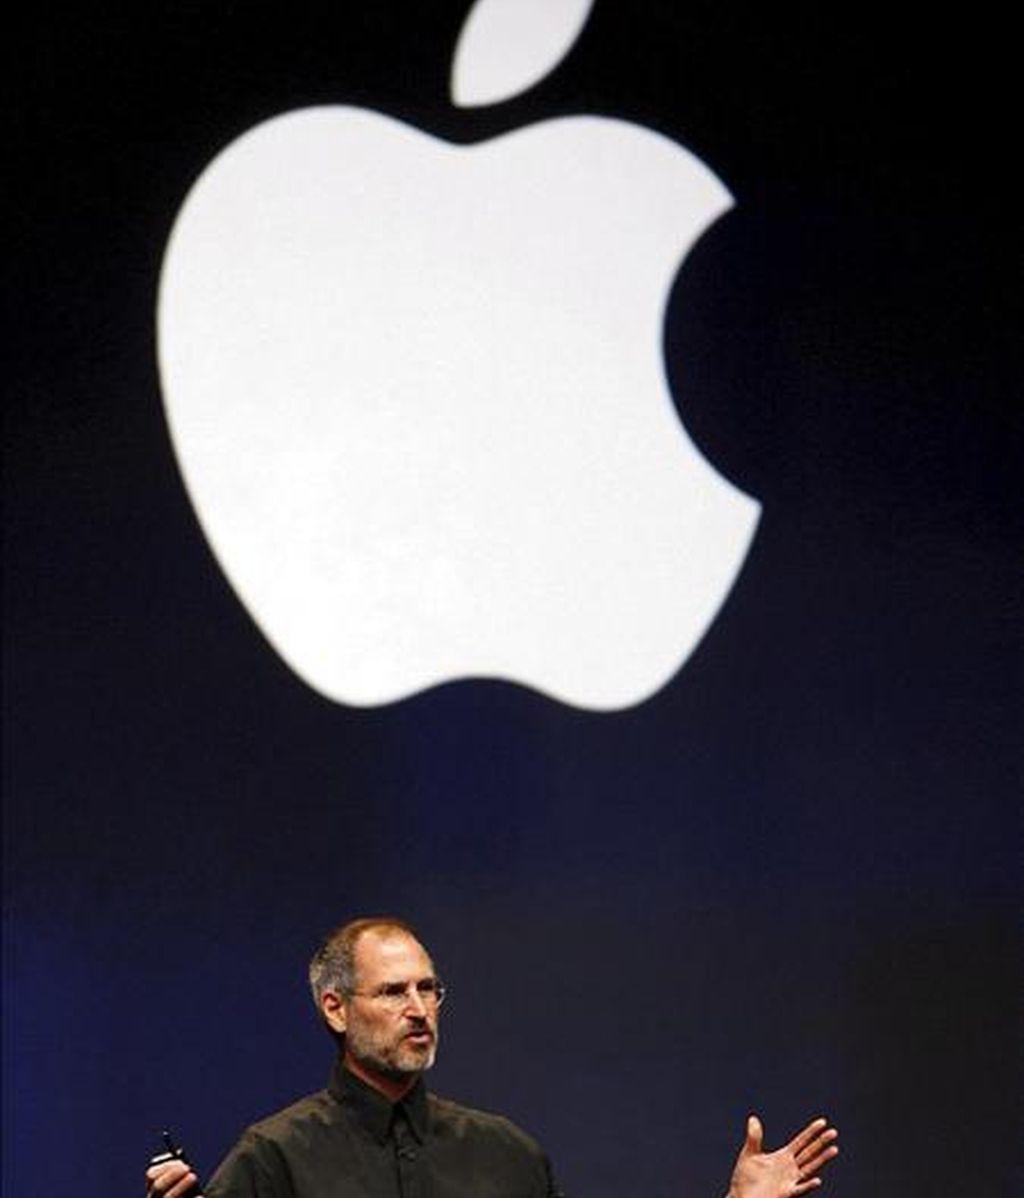 El presidente y cofundador de la empresa Apple, Steve Paul Jobs. EFE/Archivo